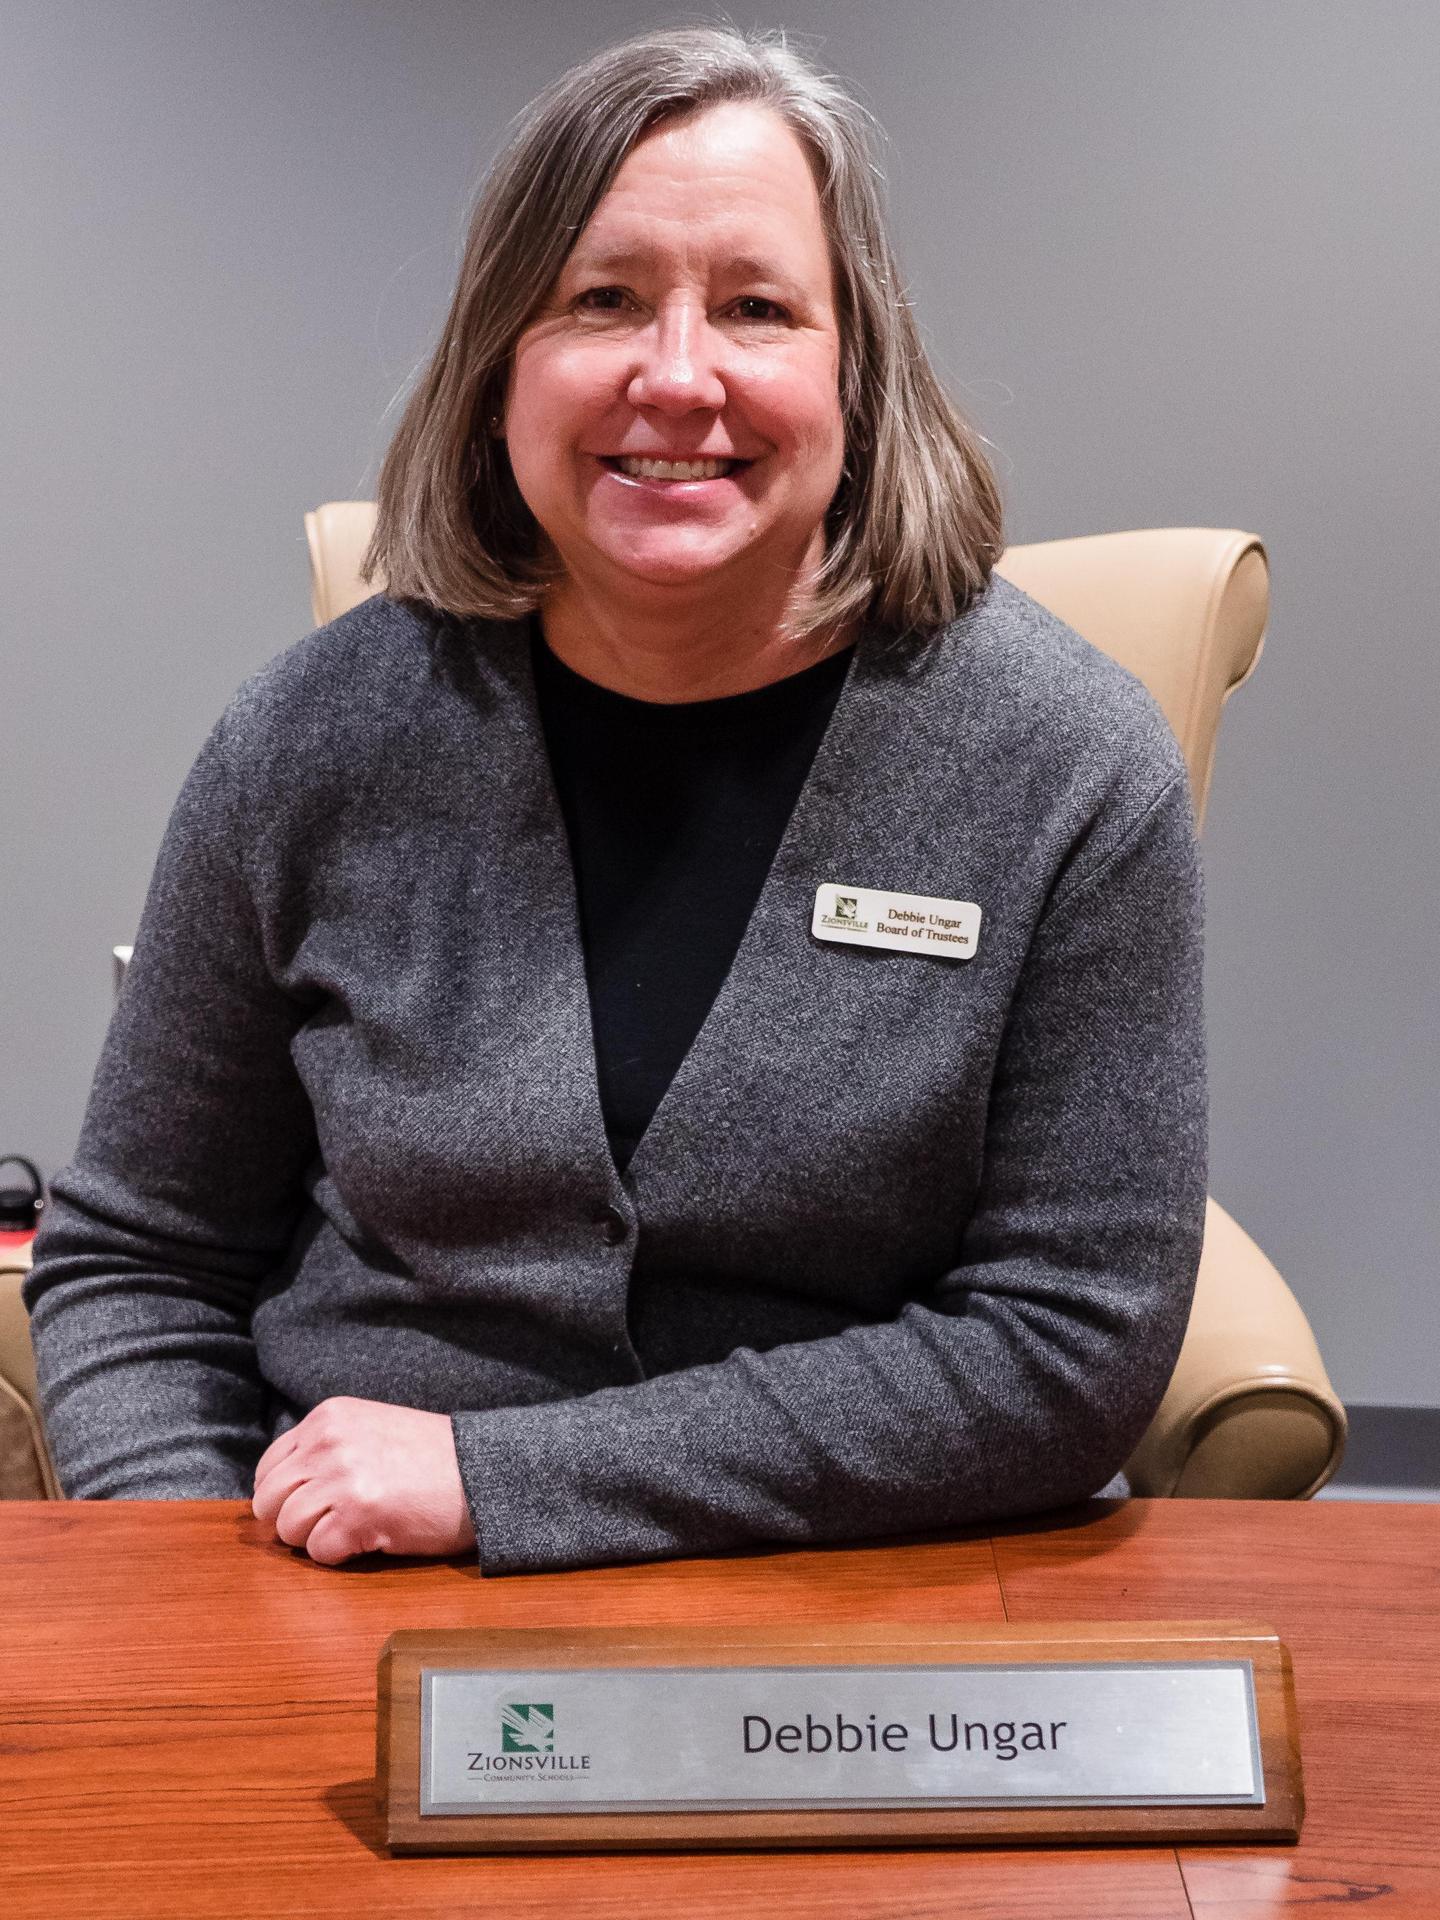 Mrs. Debbie Ungar